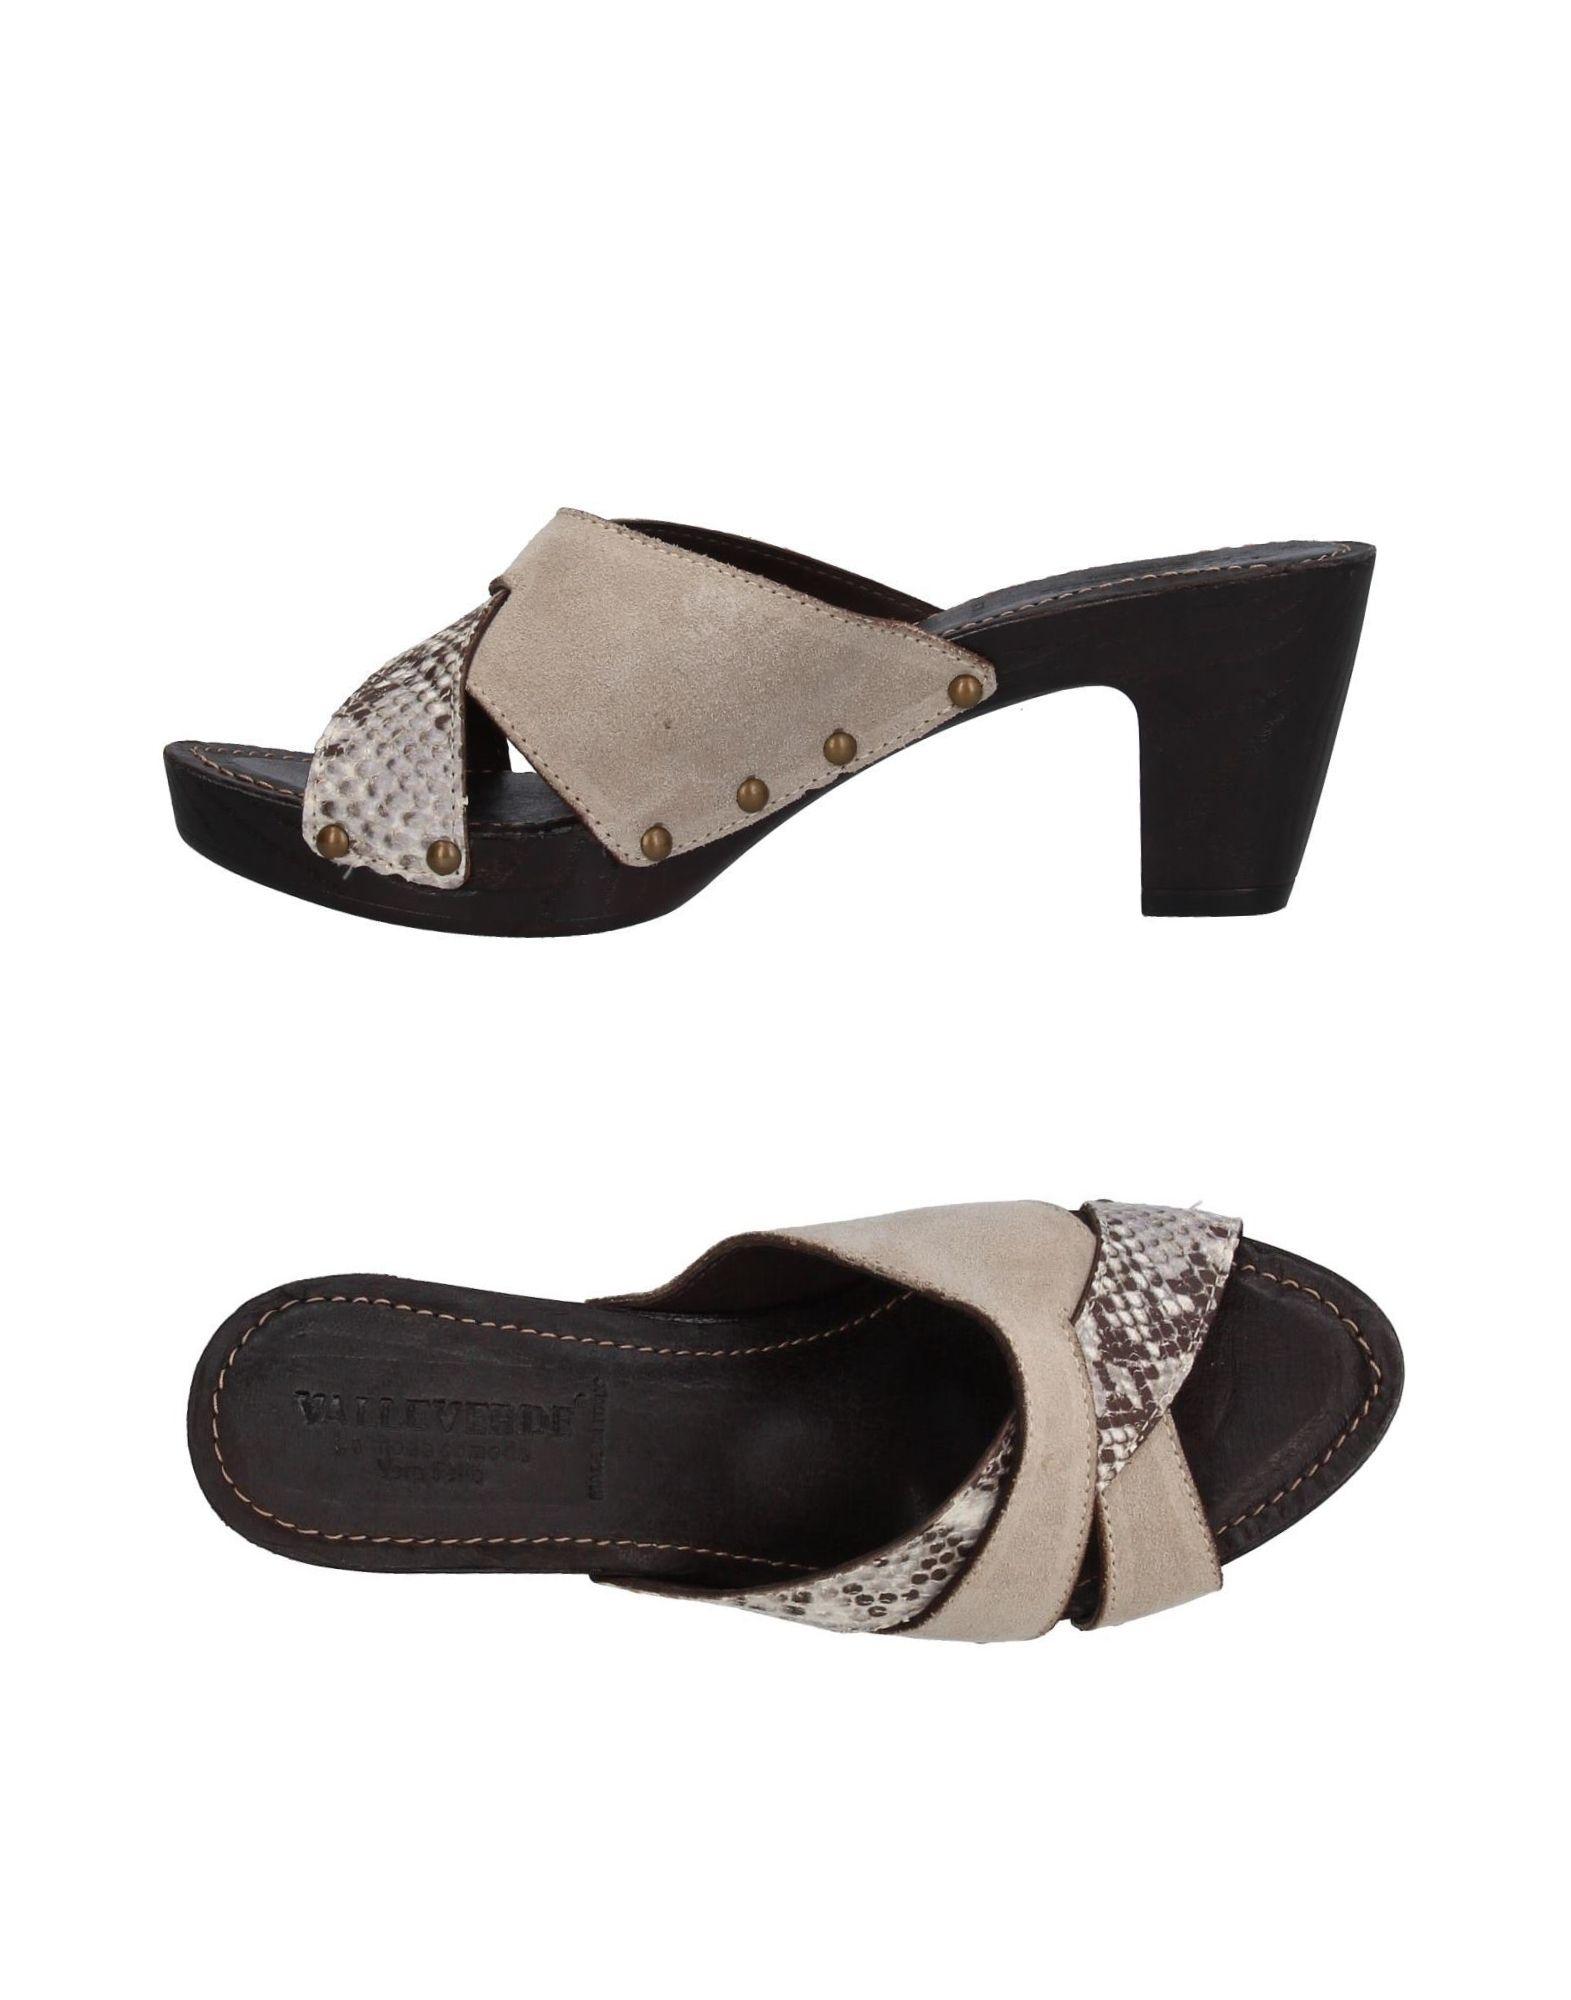 Valleverde Pantoletten Damen  11401534TO Gute Qualität beliebte Schuhe